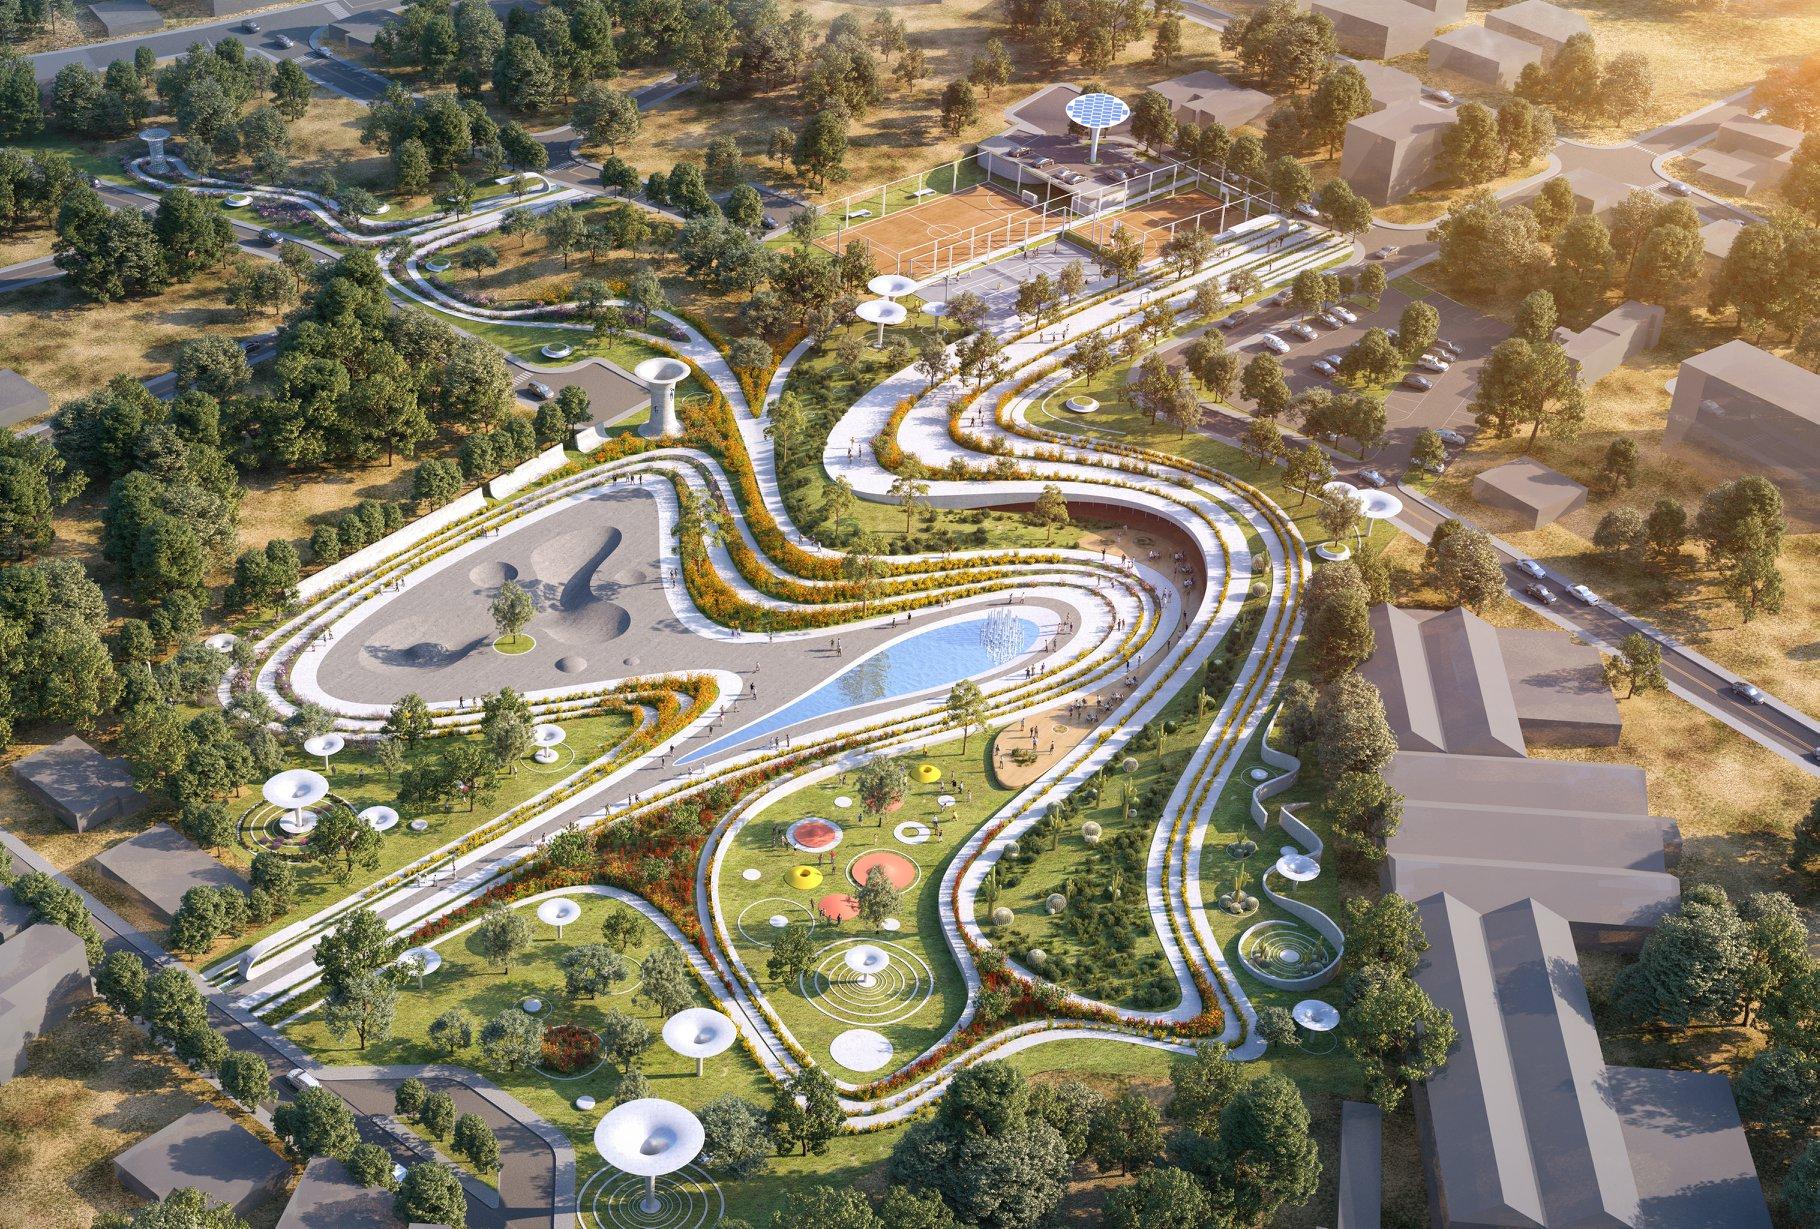 Síp dự kiến xây dựng thêm công viên mới tại Paphos